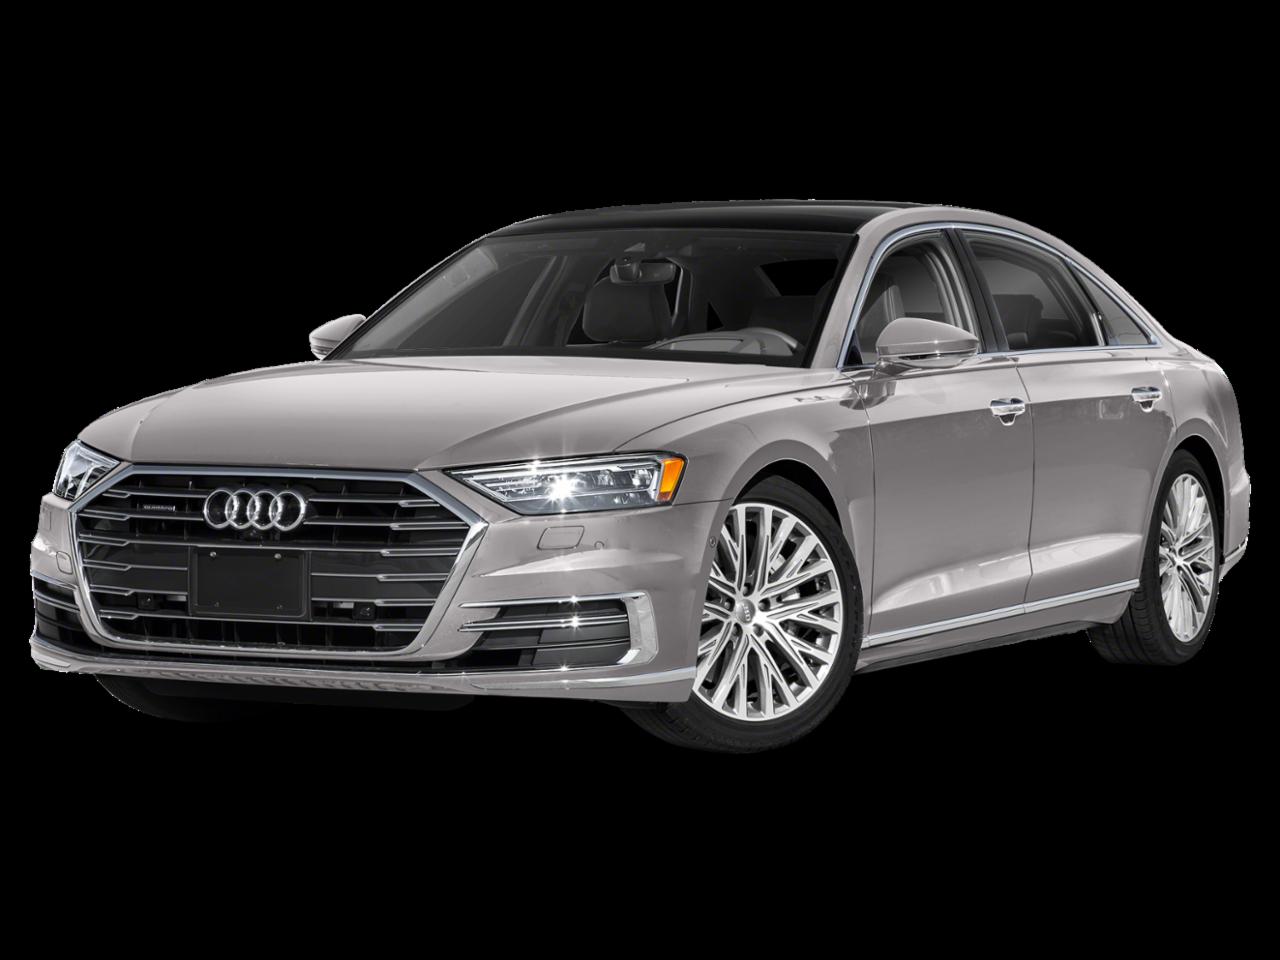 Audi 2021 A8 L 55 TFSI quattro